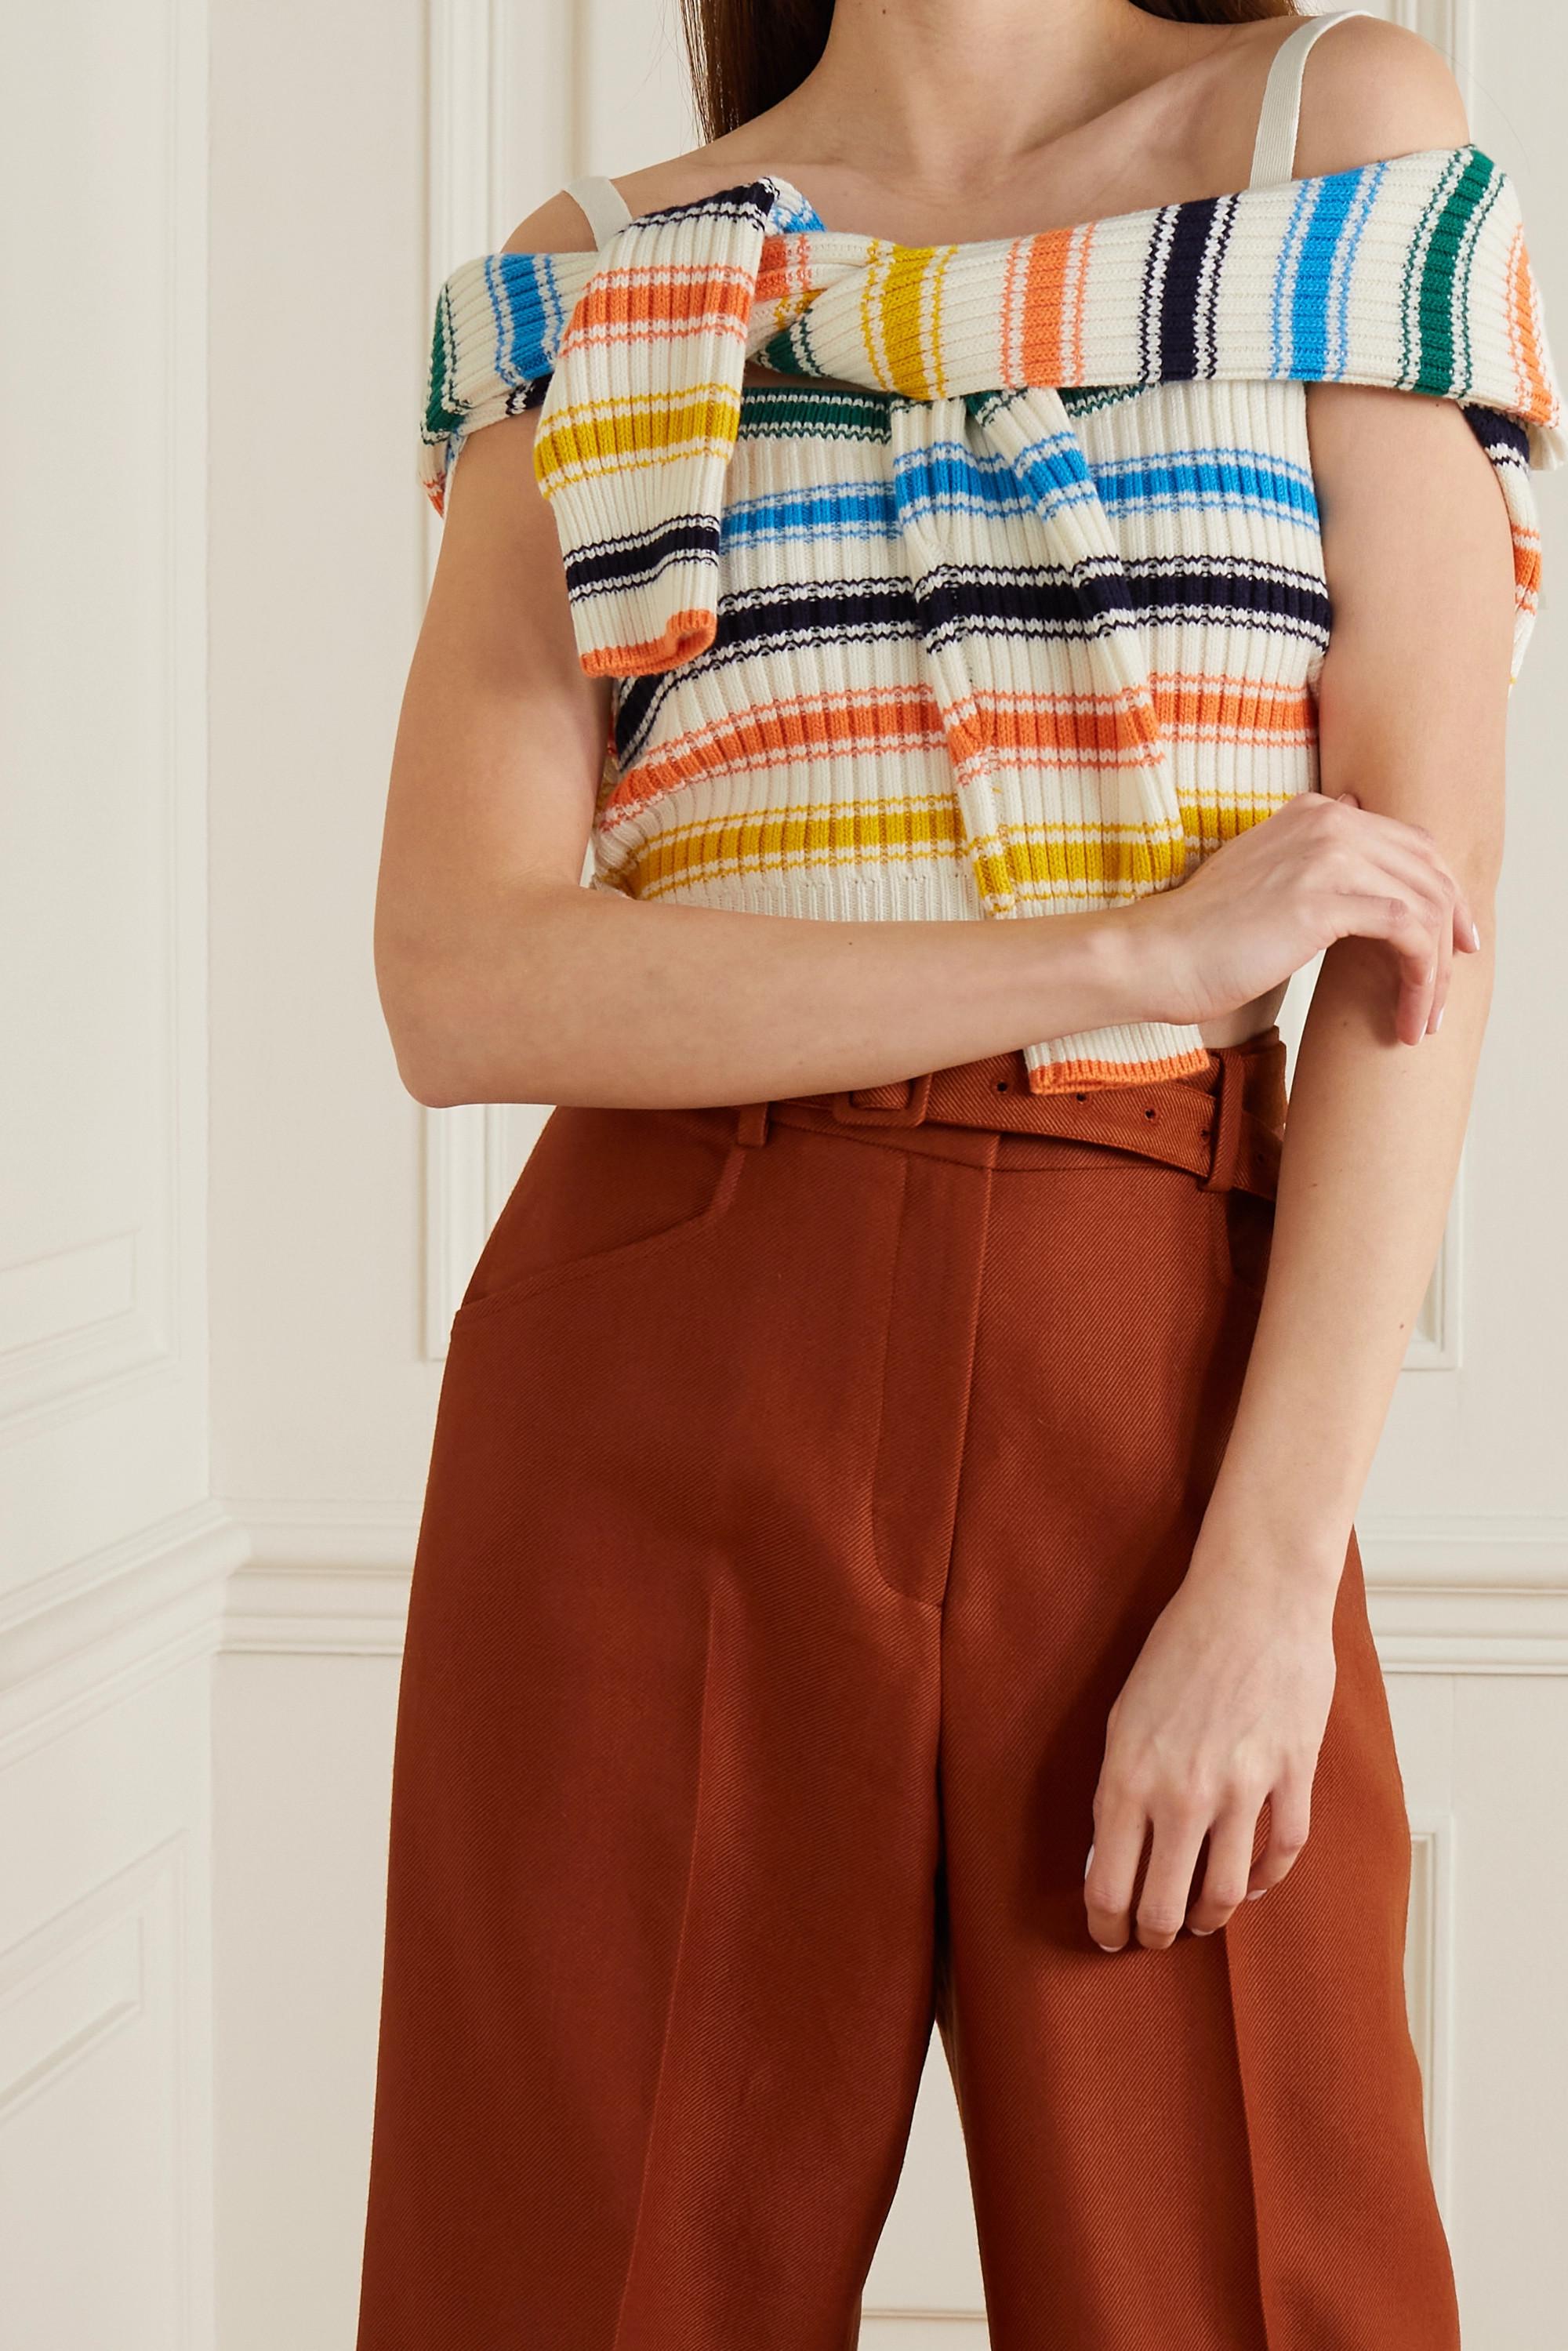 Rosie Assoulin Thousand-In-One-Ways verkürzter, wandelbarer Pullover aus einer gerippten Merinowollmischung mit Streifen